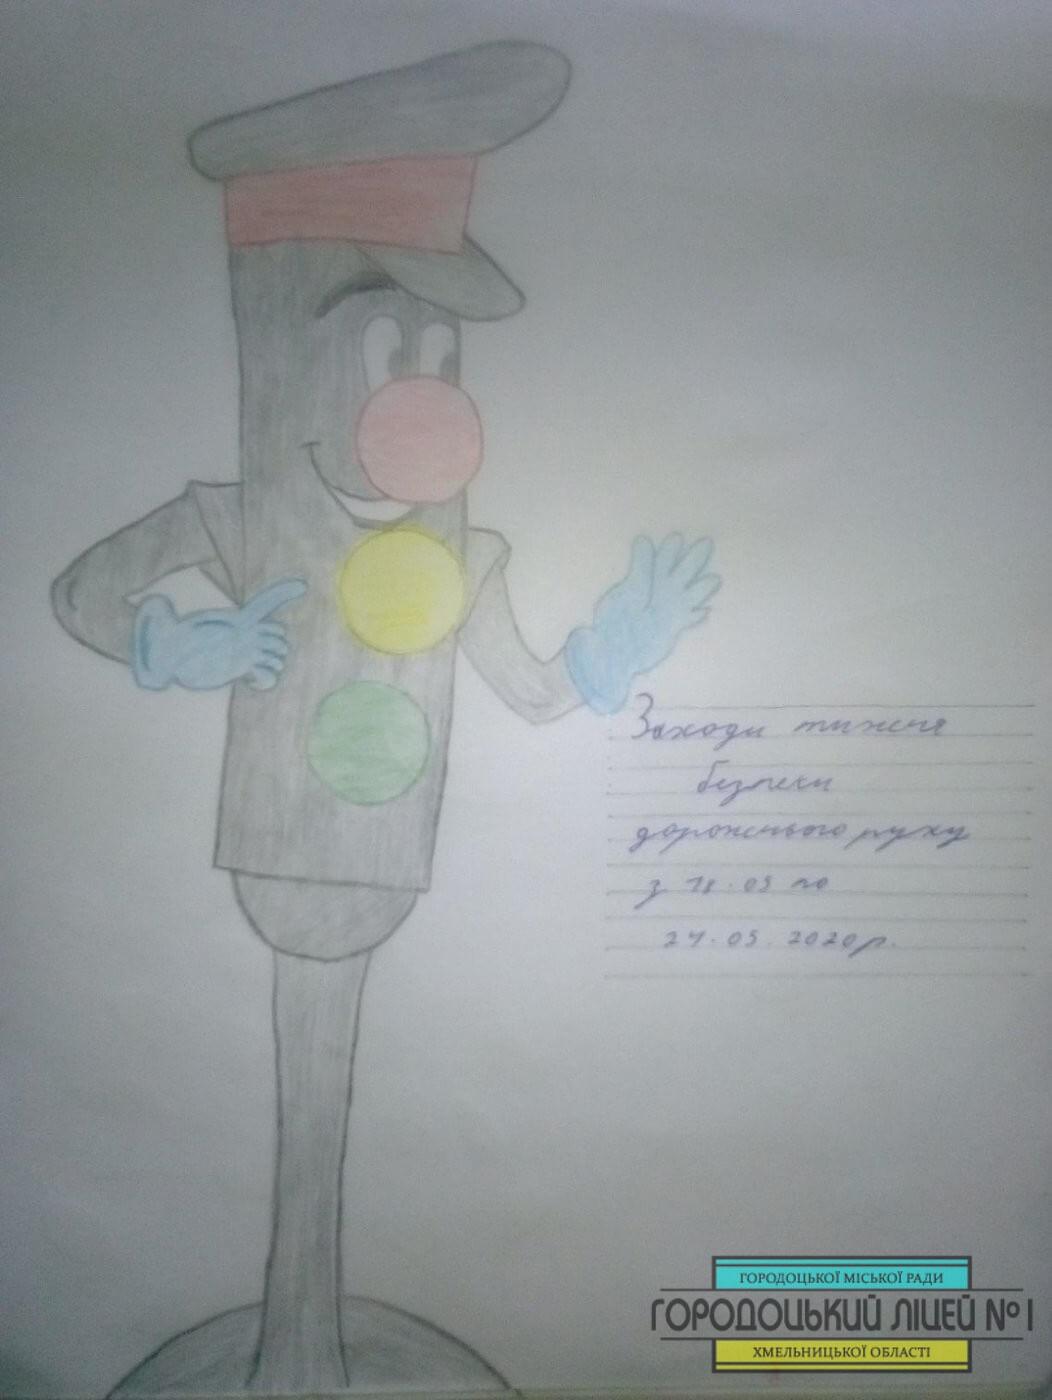 zobrazhennya viber 2020 05 21 08 25 07 1052x1400 - Конкурс малюнків серед учнів 5 - 7 класів з безпеки дорожнього руху